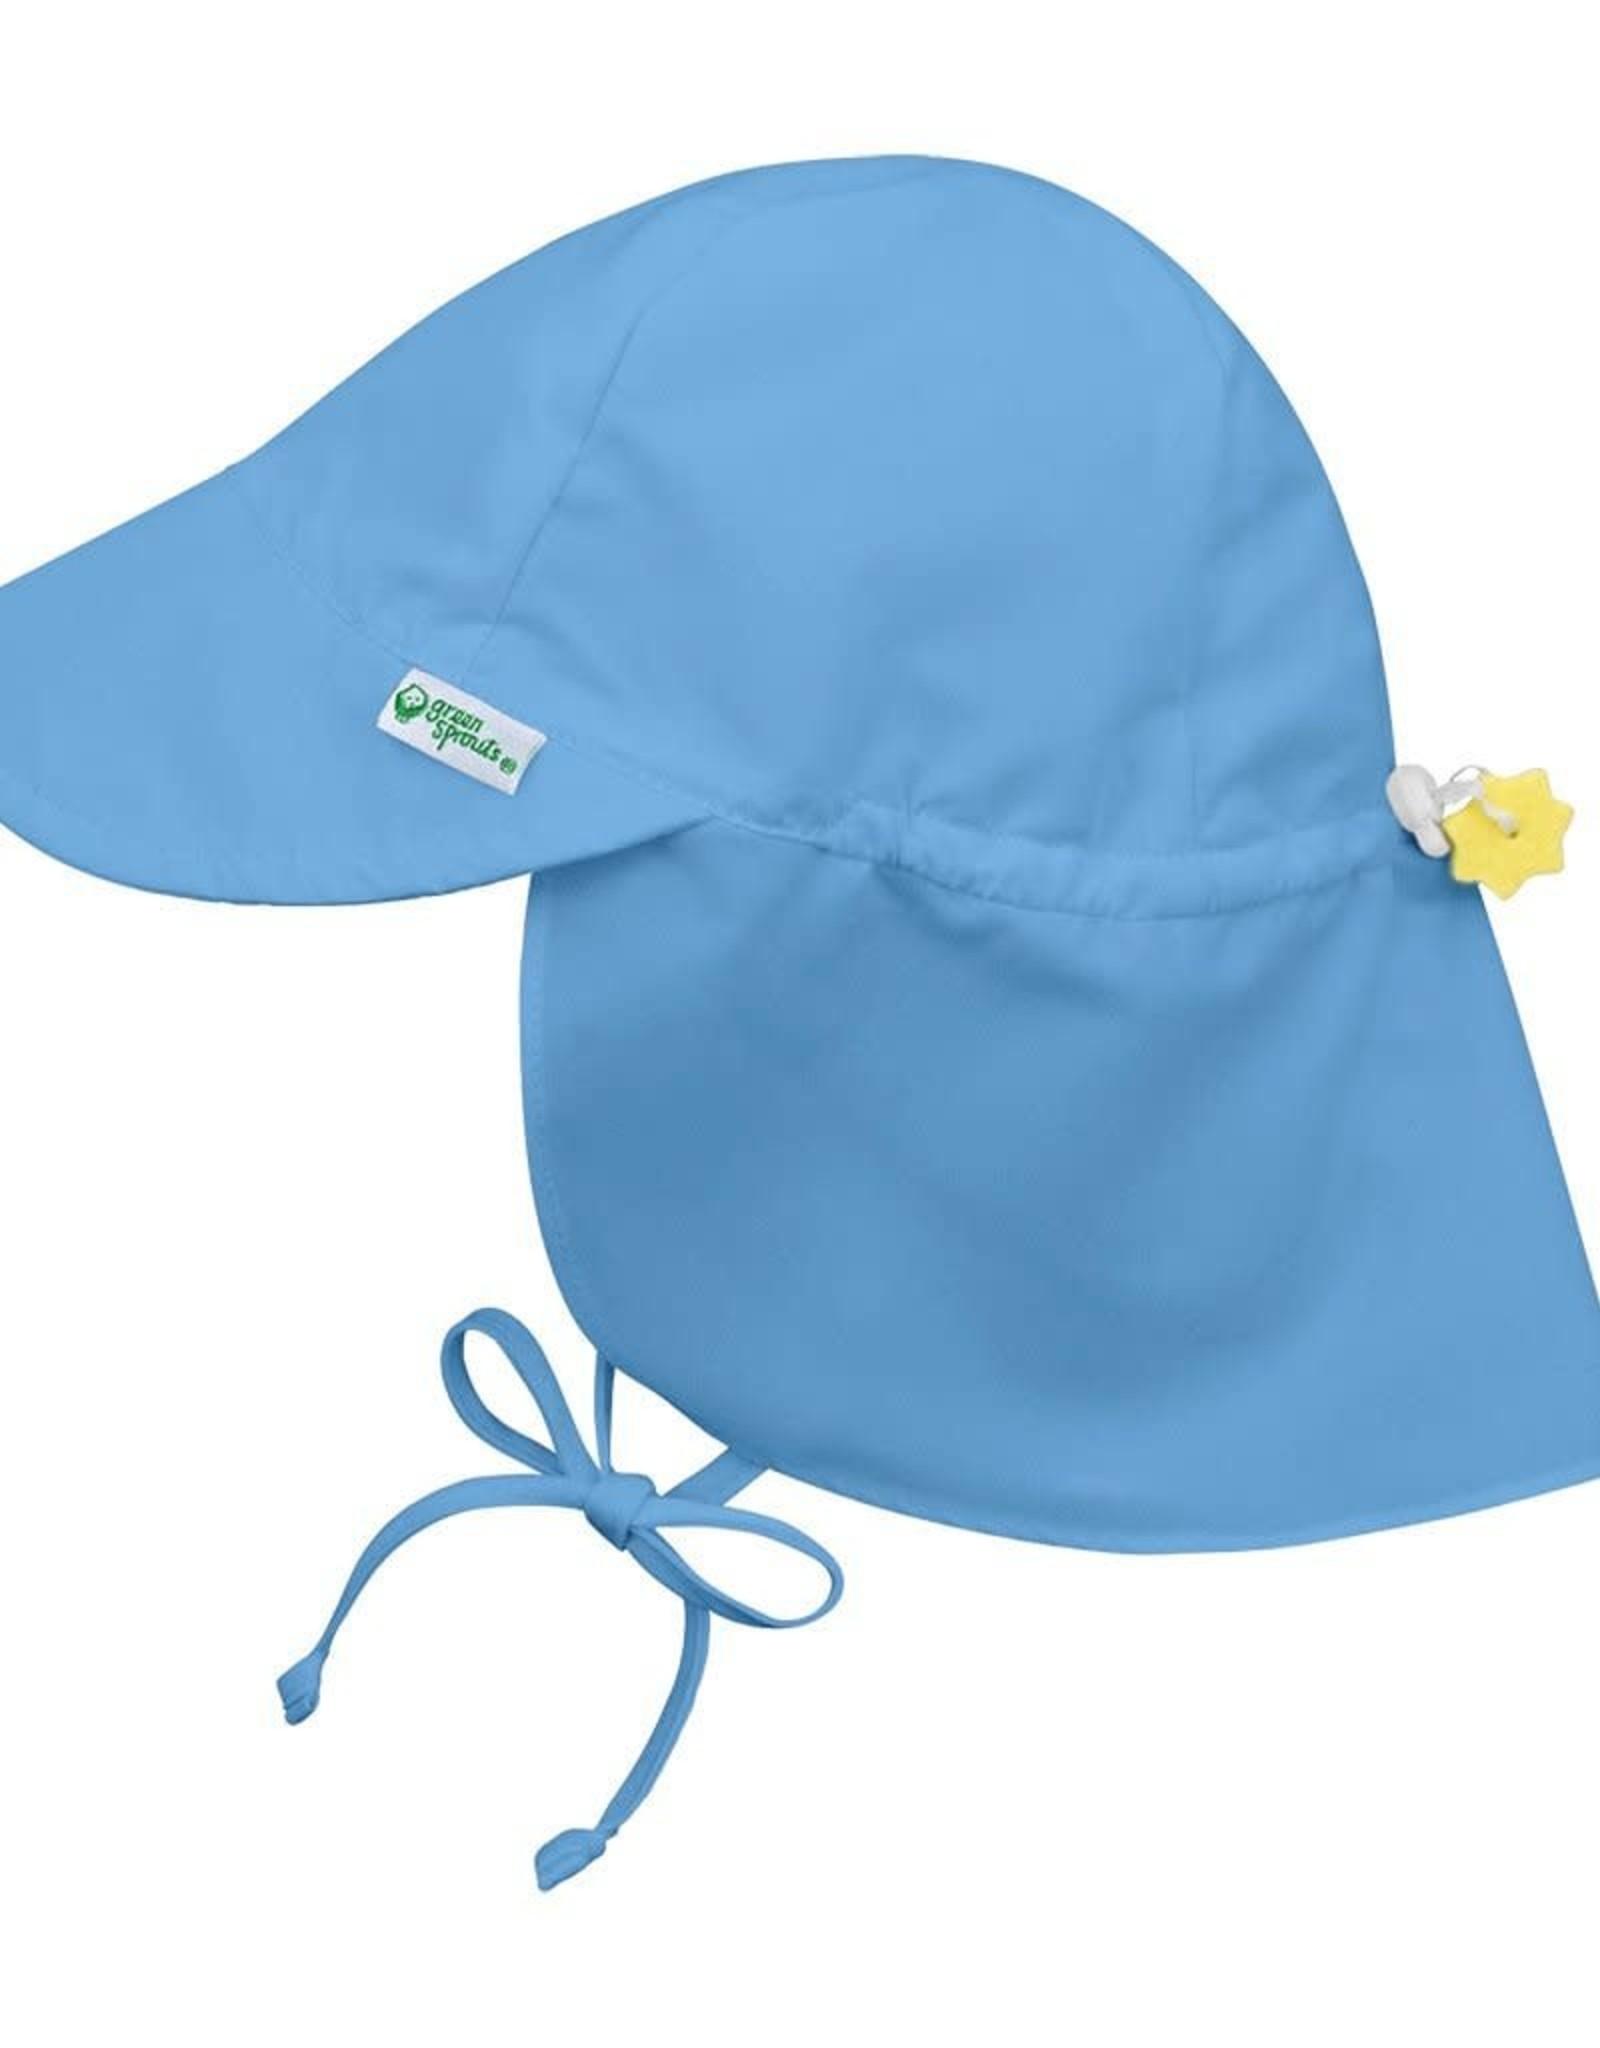 Flap Sun Protection Hat Light Blue